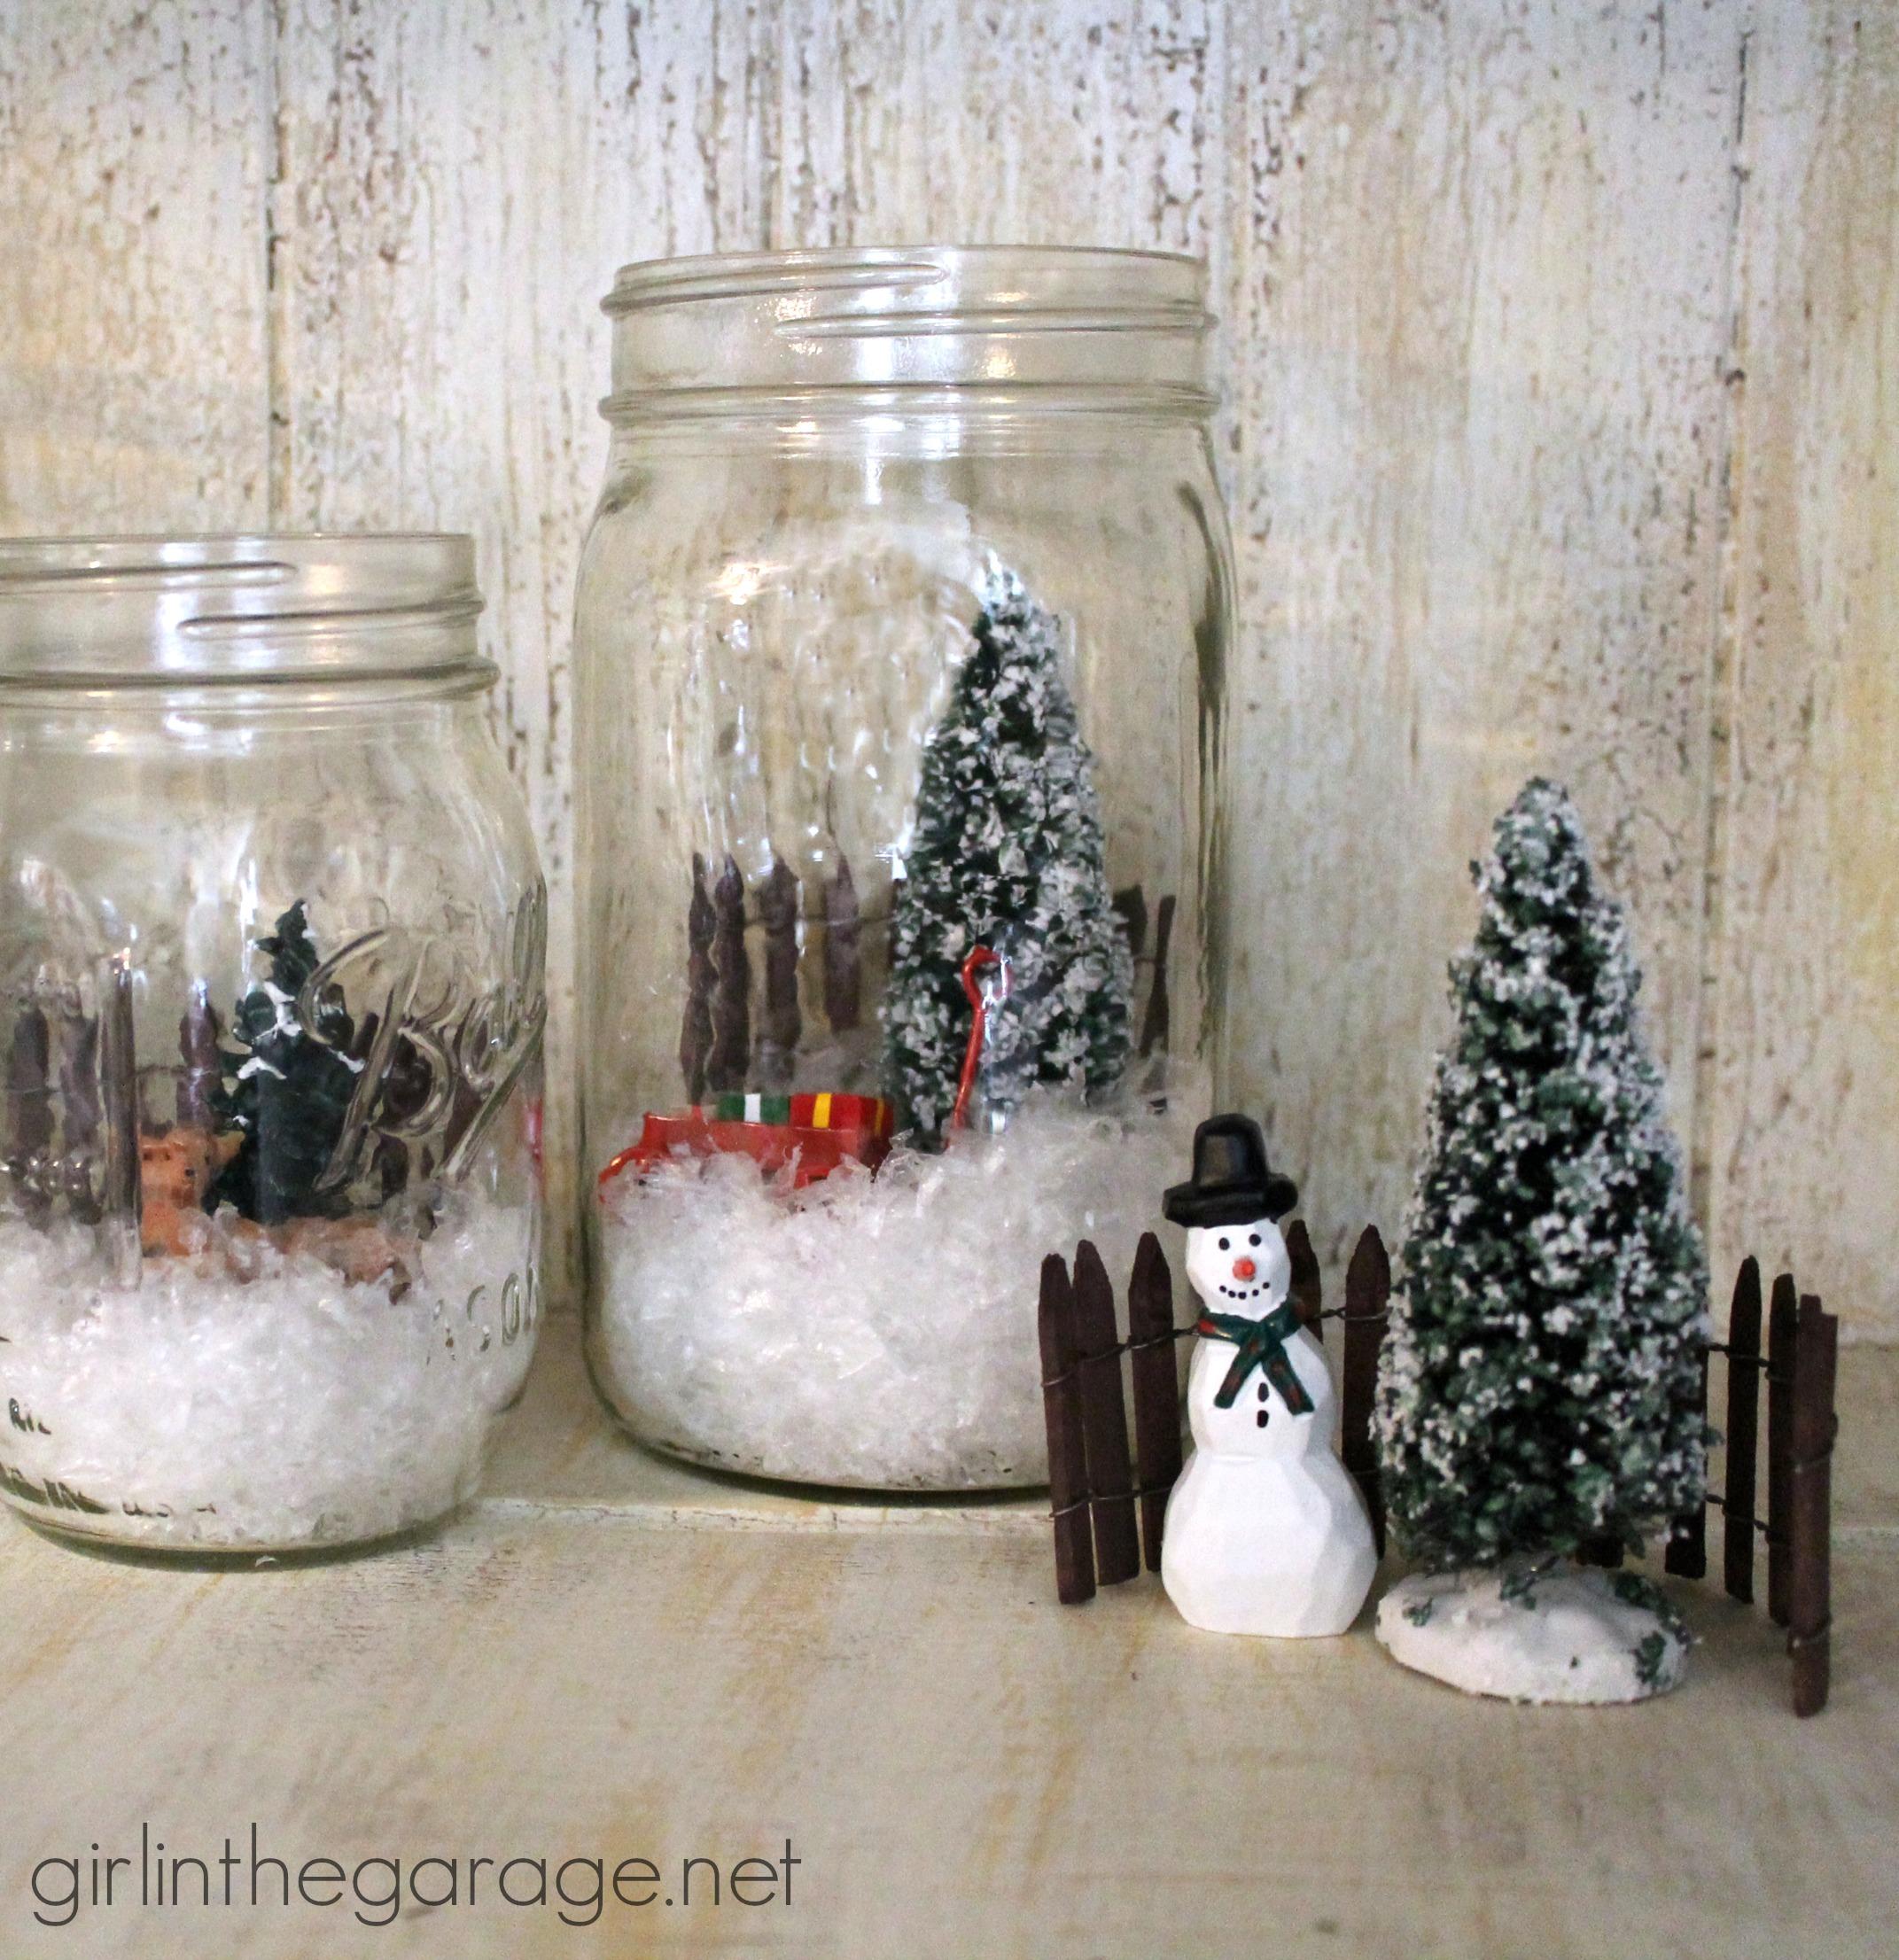 Winter scene in a mason jar girl the garage